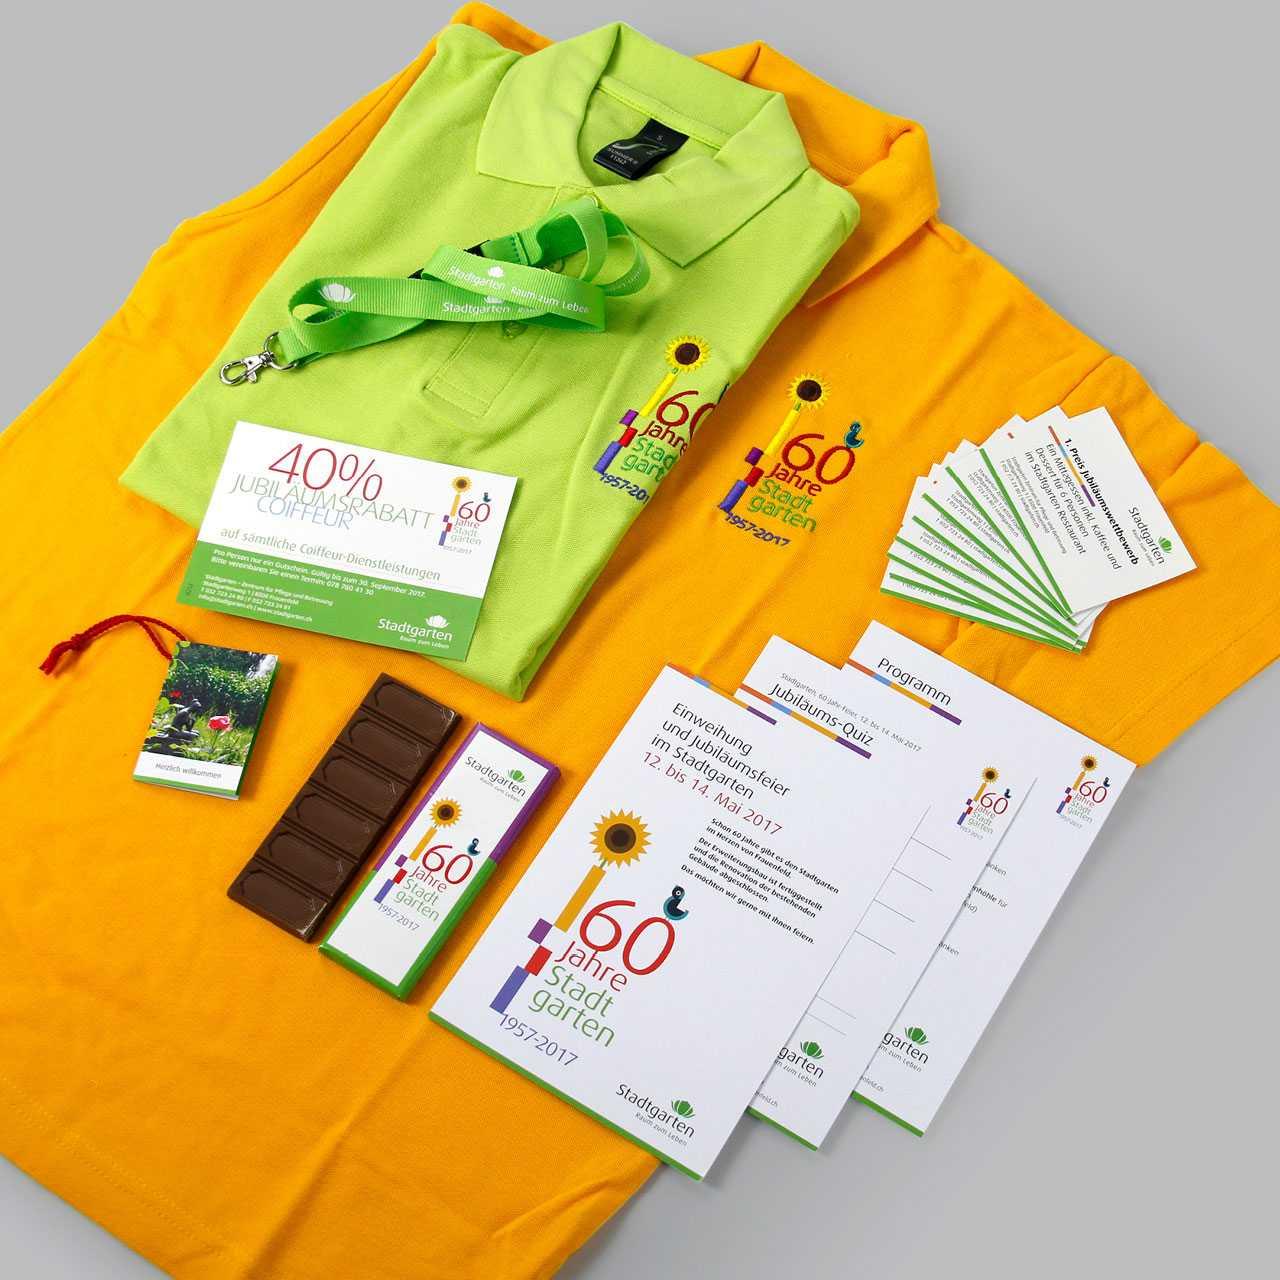 Pflegezentrum Stadtgarten: Diverse Printprodukte, Prospekte, Kleidung